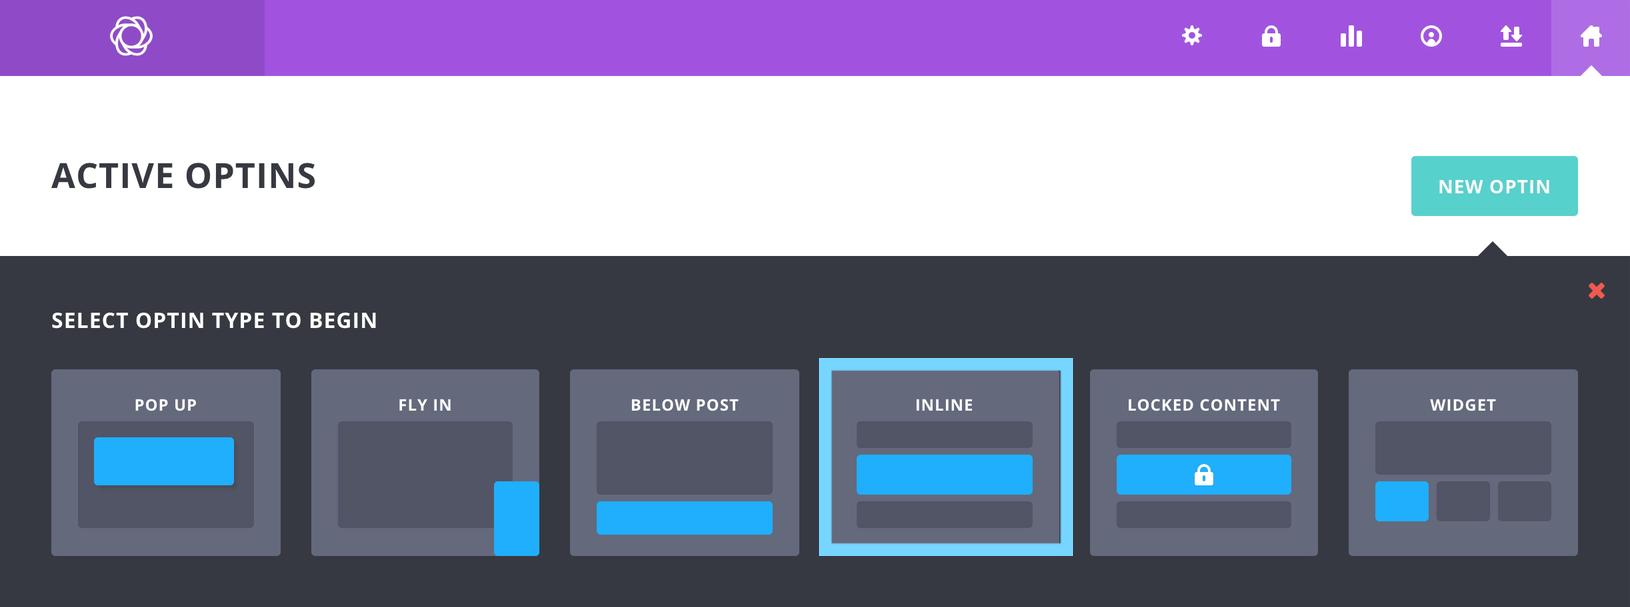 BloomプラグインのINLINEオプトインフォーム